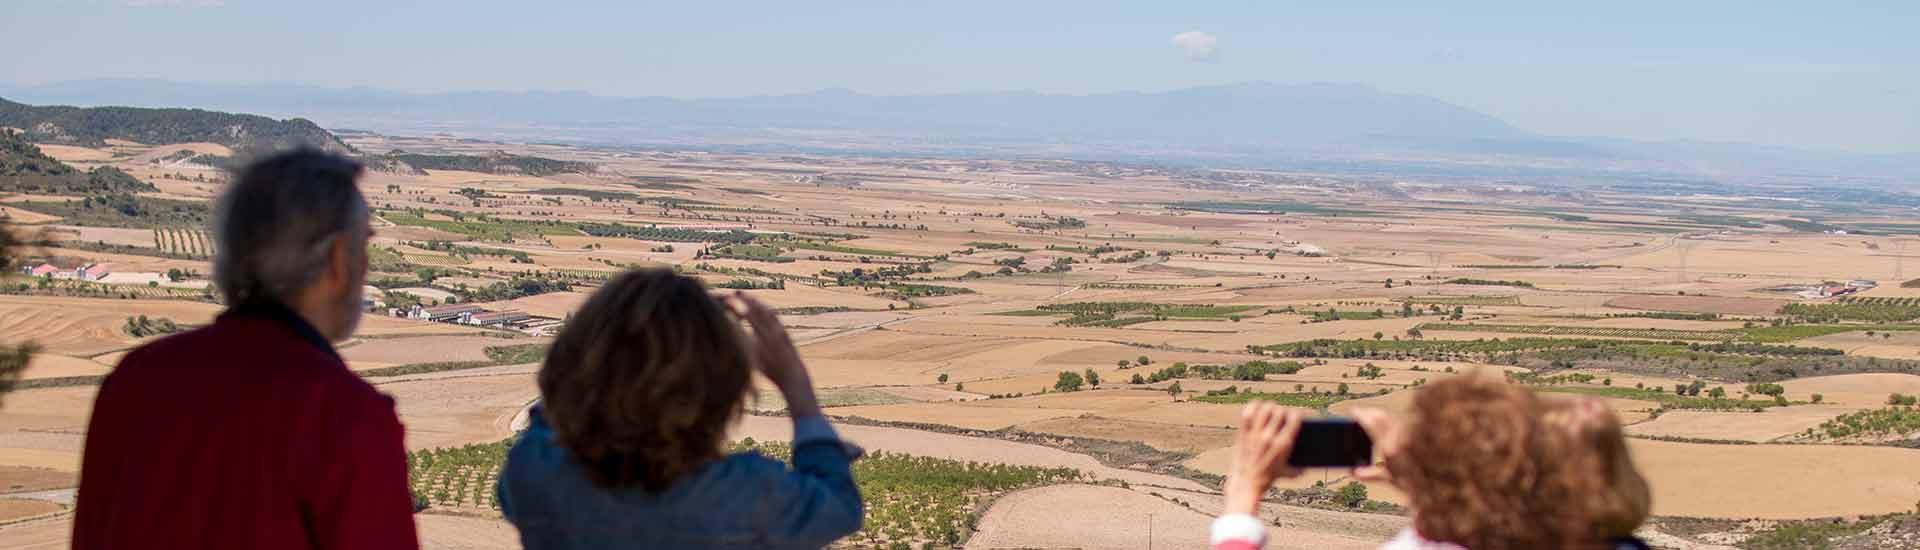 ermita-mirador